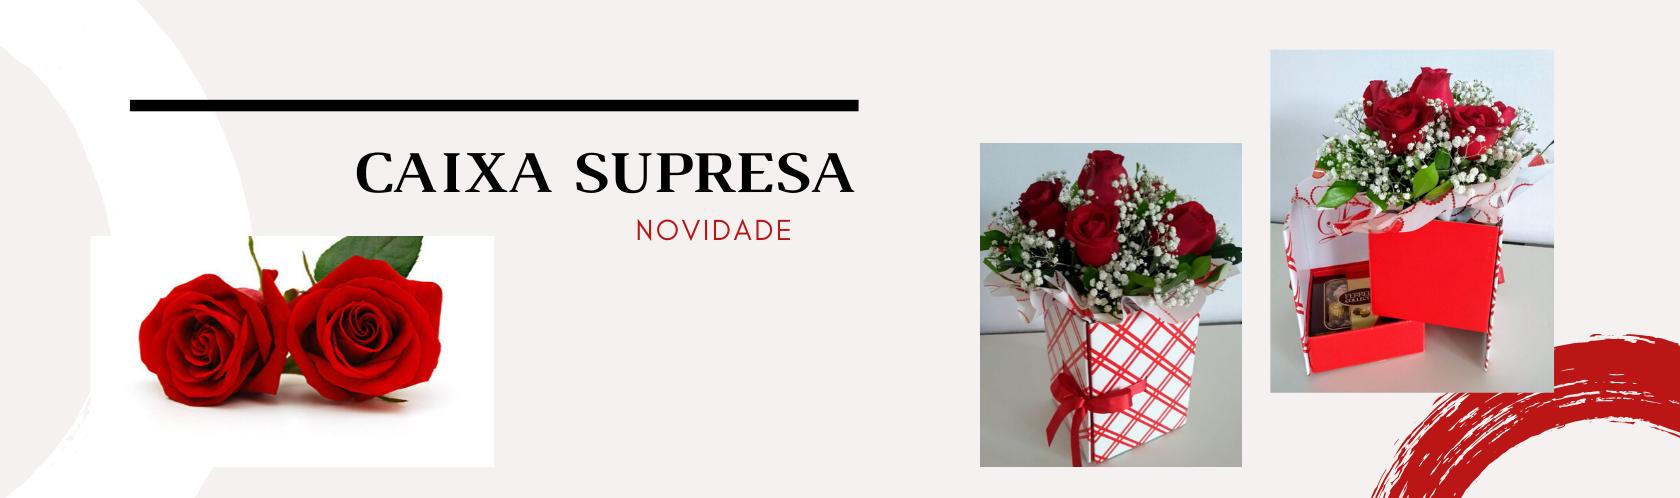 data/banner/banner-caixa-surpresa.png